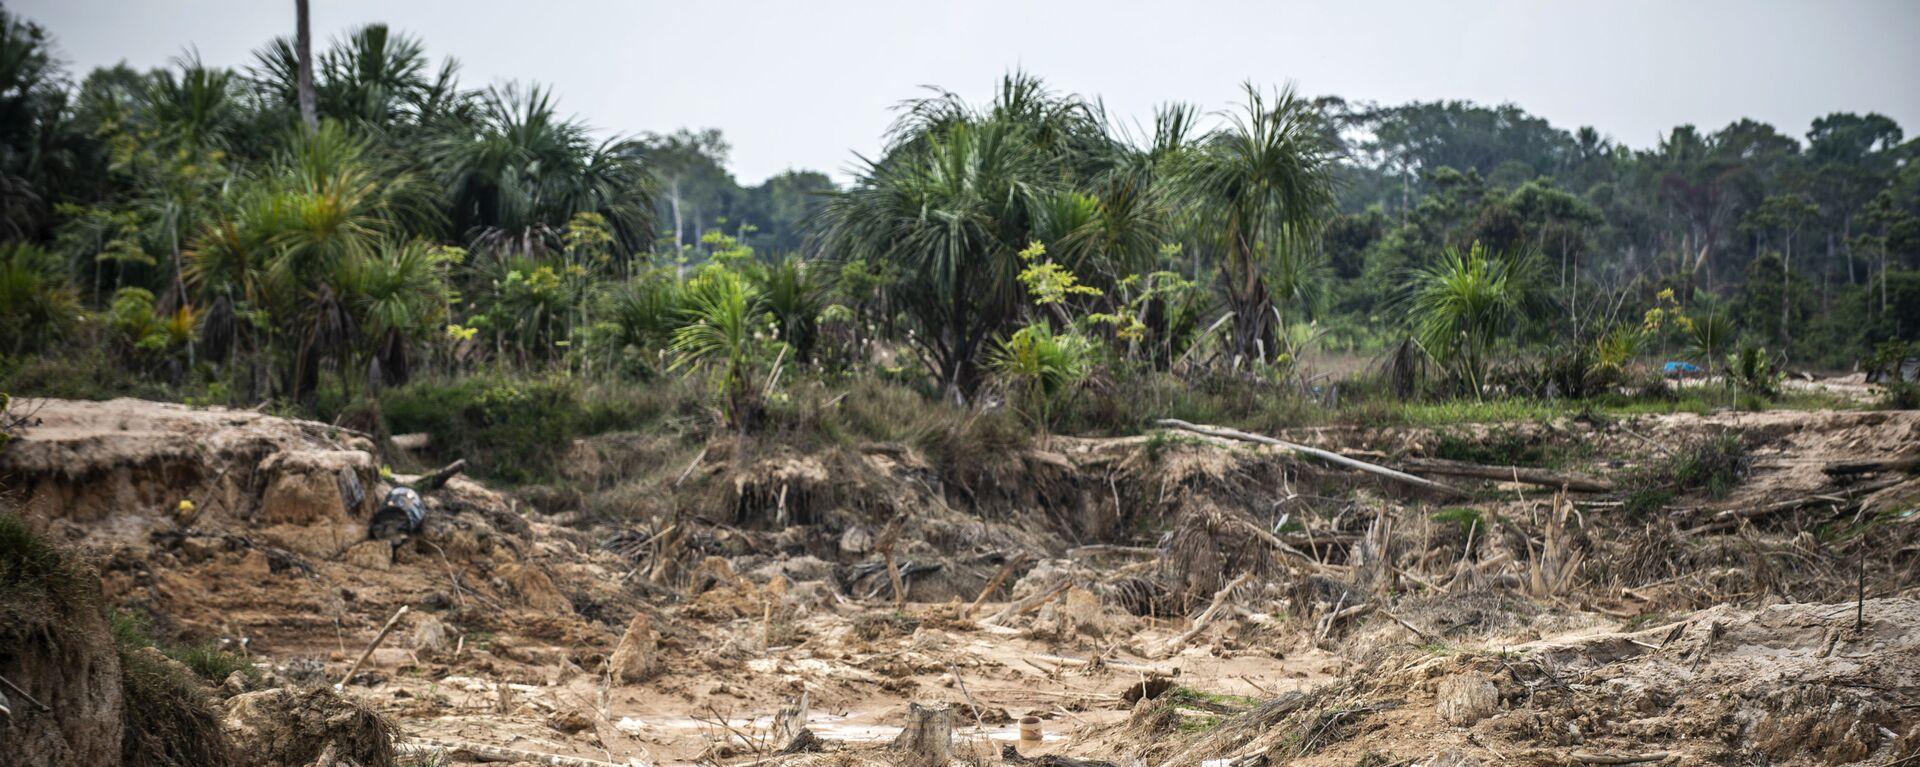 Deforestación causada por minería ilegal en la Amazonía peruana - Sputnik Mundo, 1920, 27.05.2021